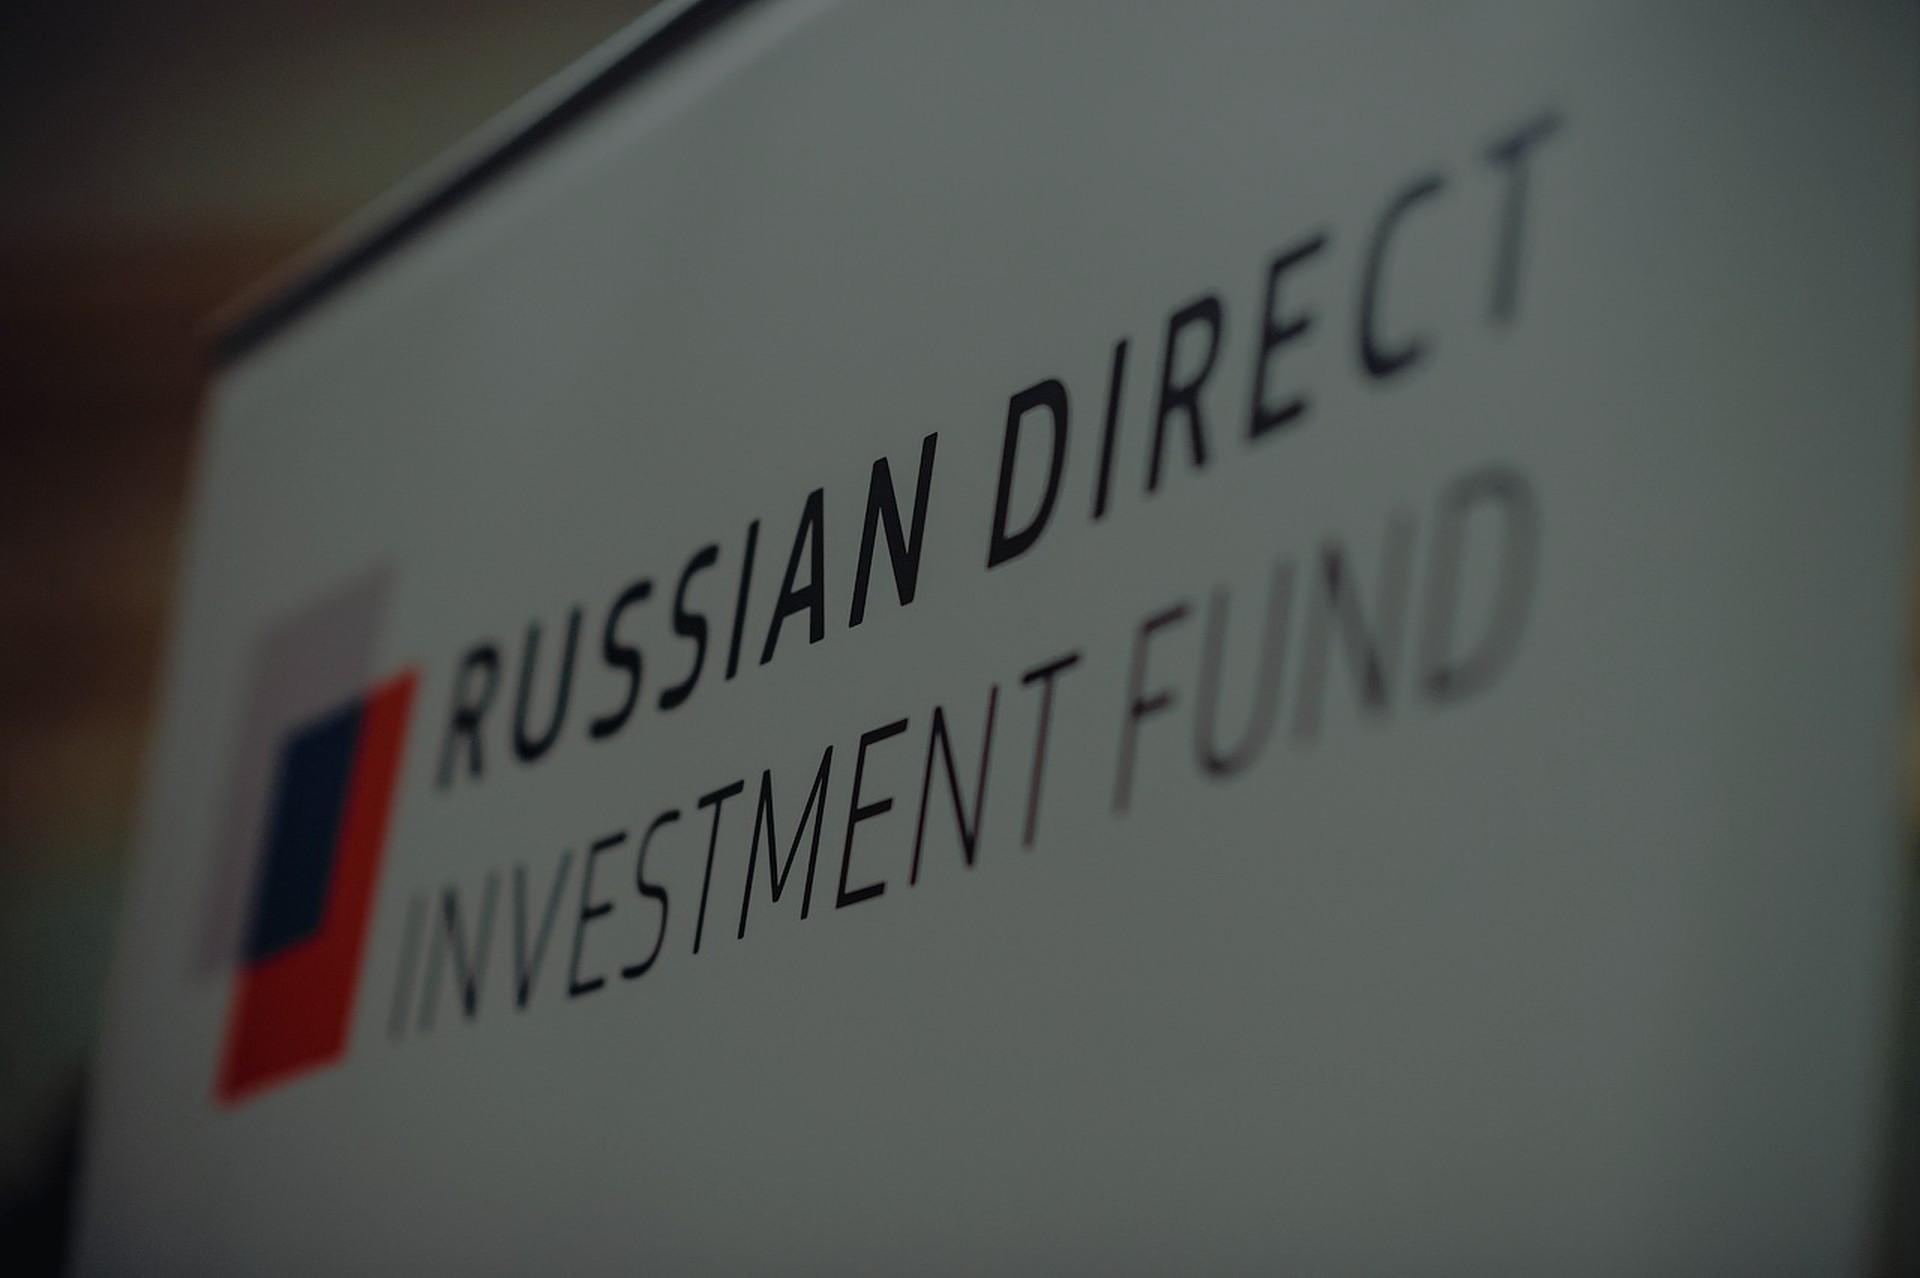 РФПИ смеждународными инвесторами собирается купить 25% акций аэропорта Пулково уВТБ